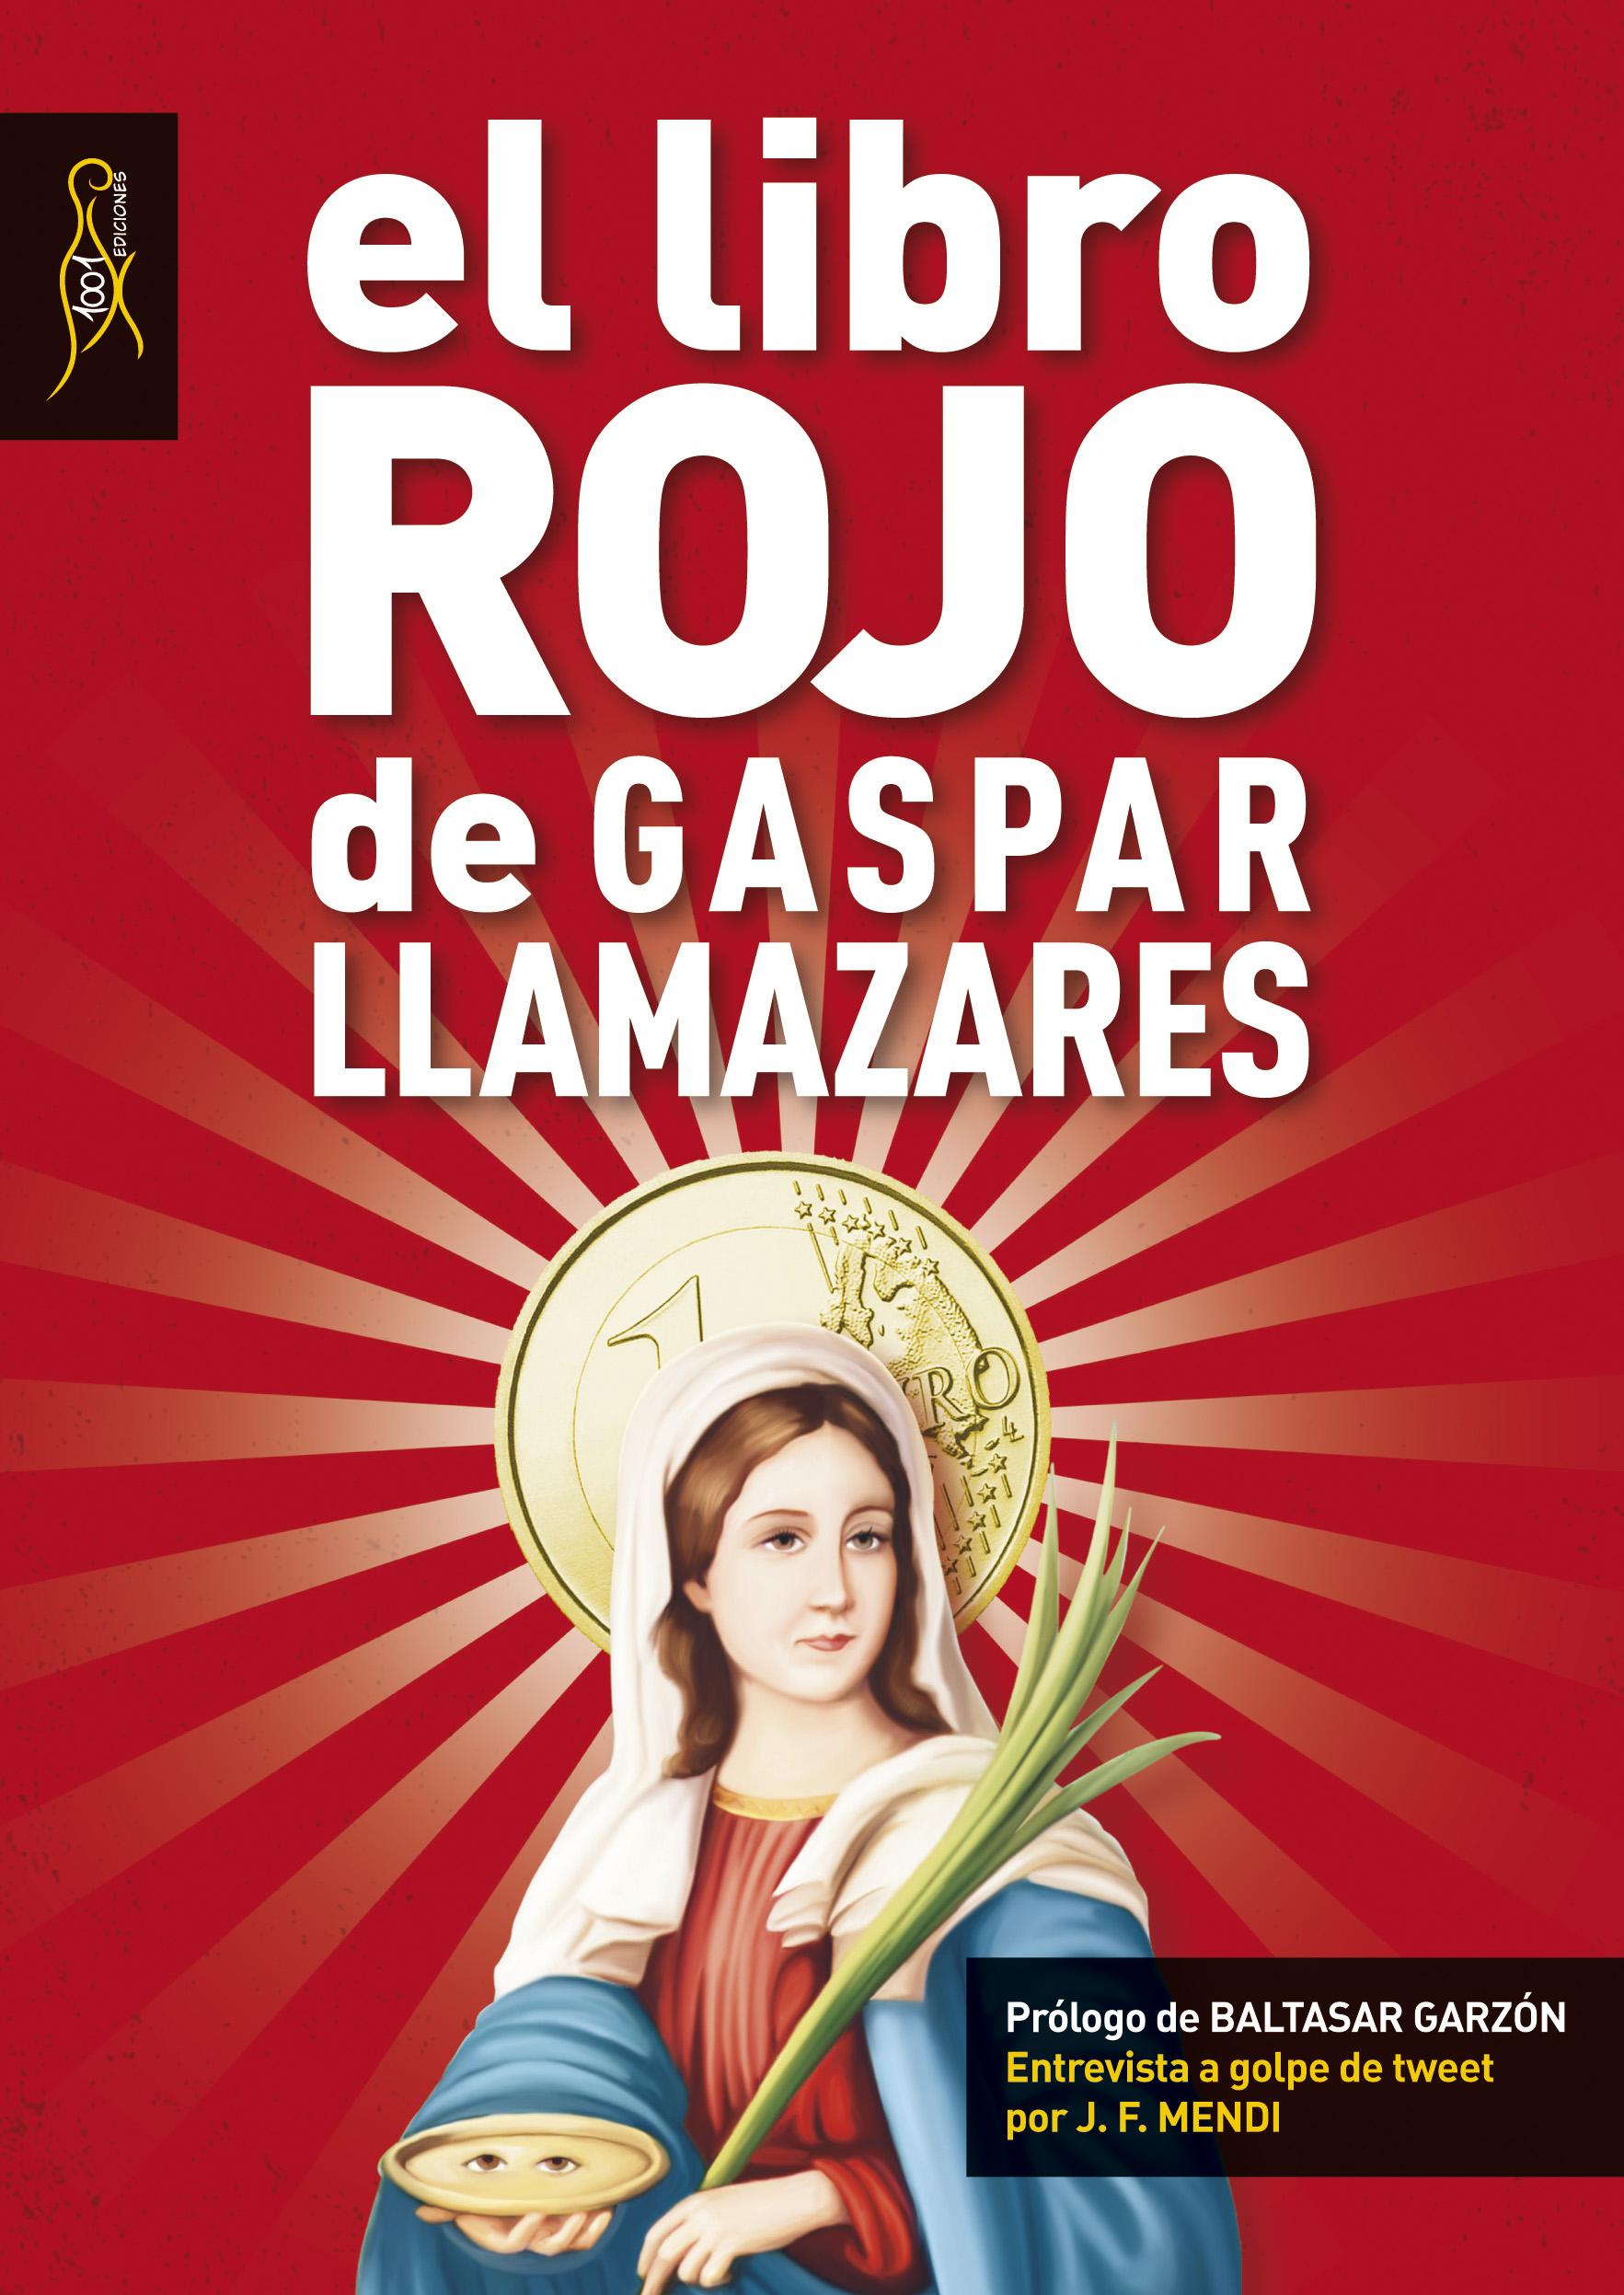 El libro rojo de Gaspar Llamazares